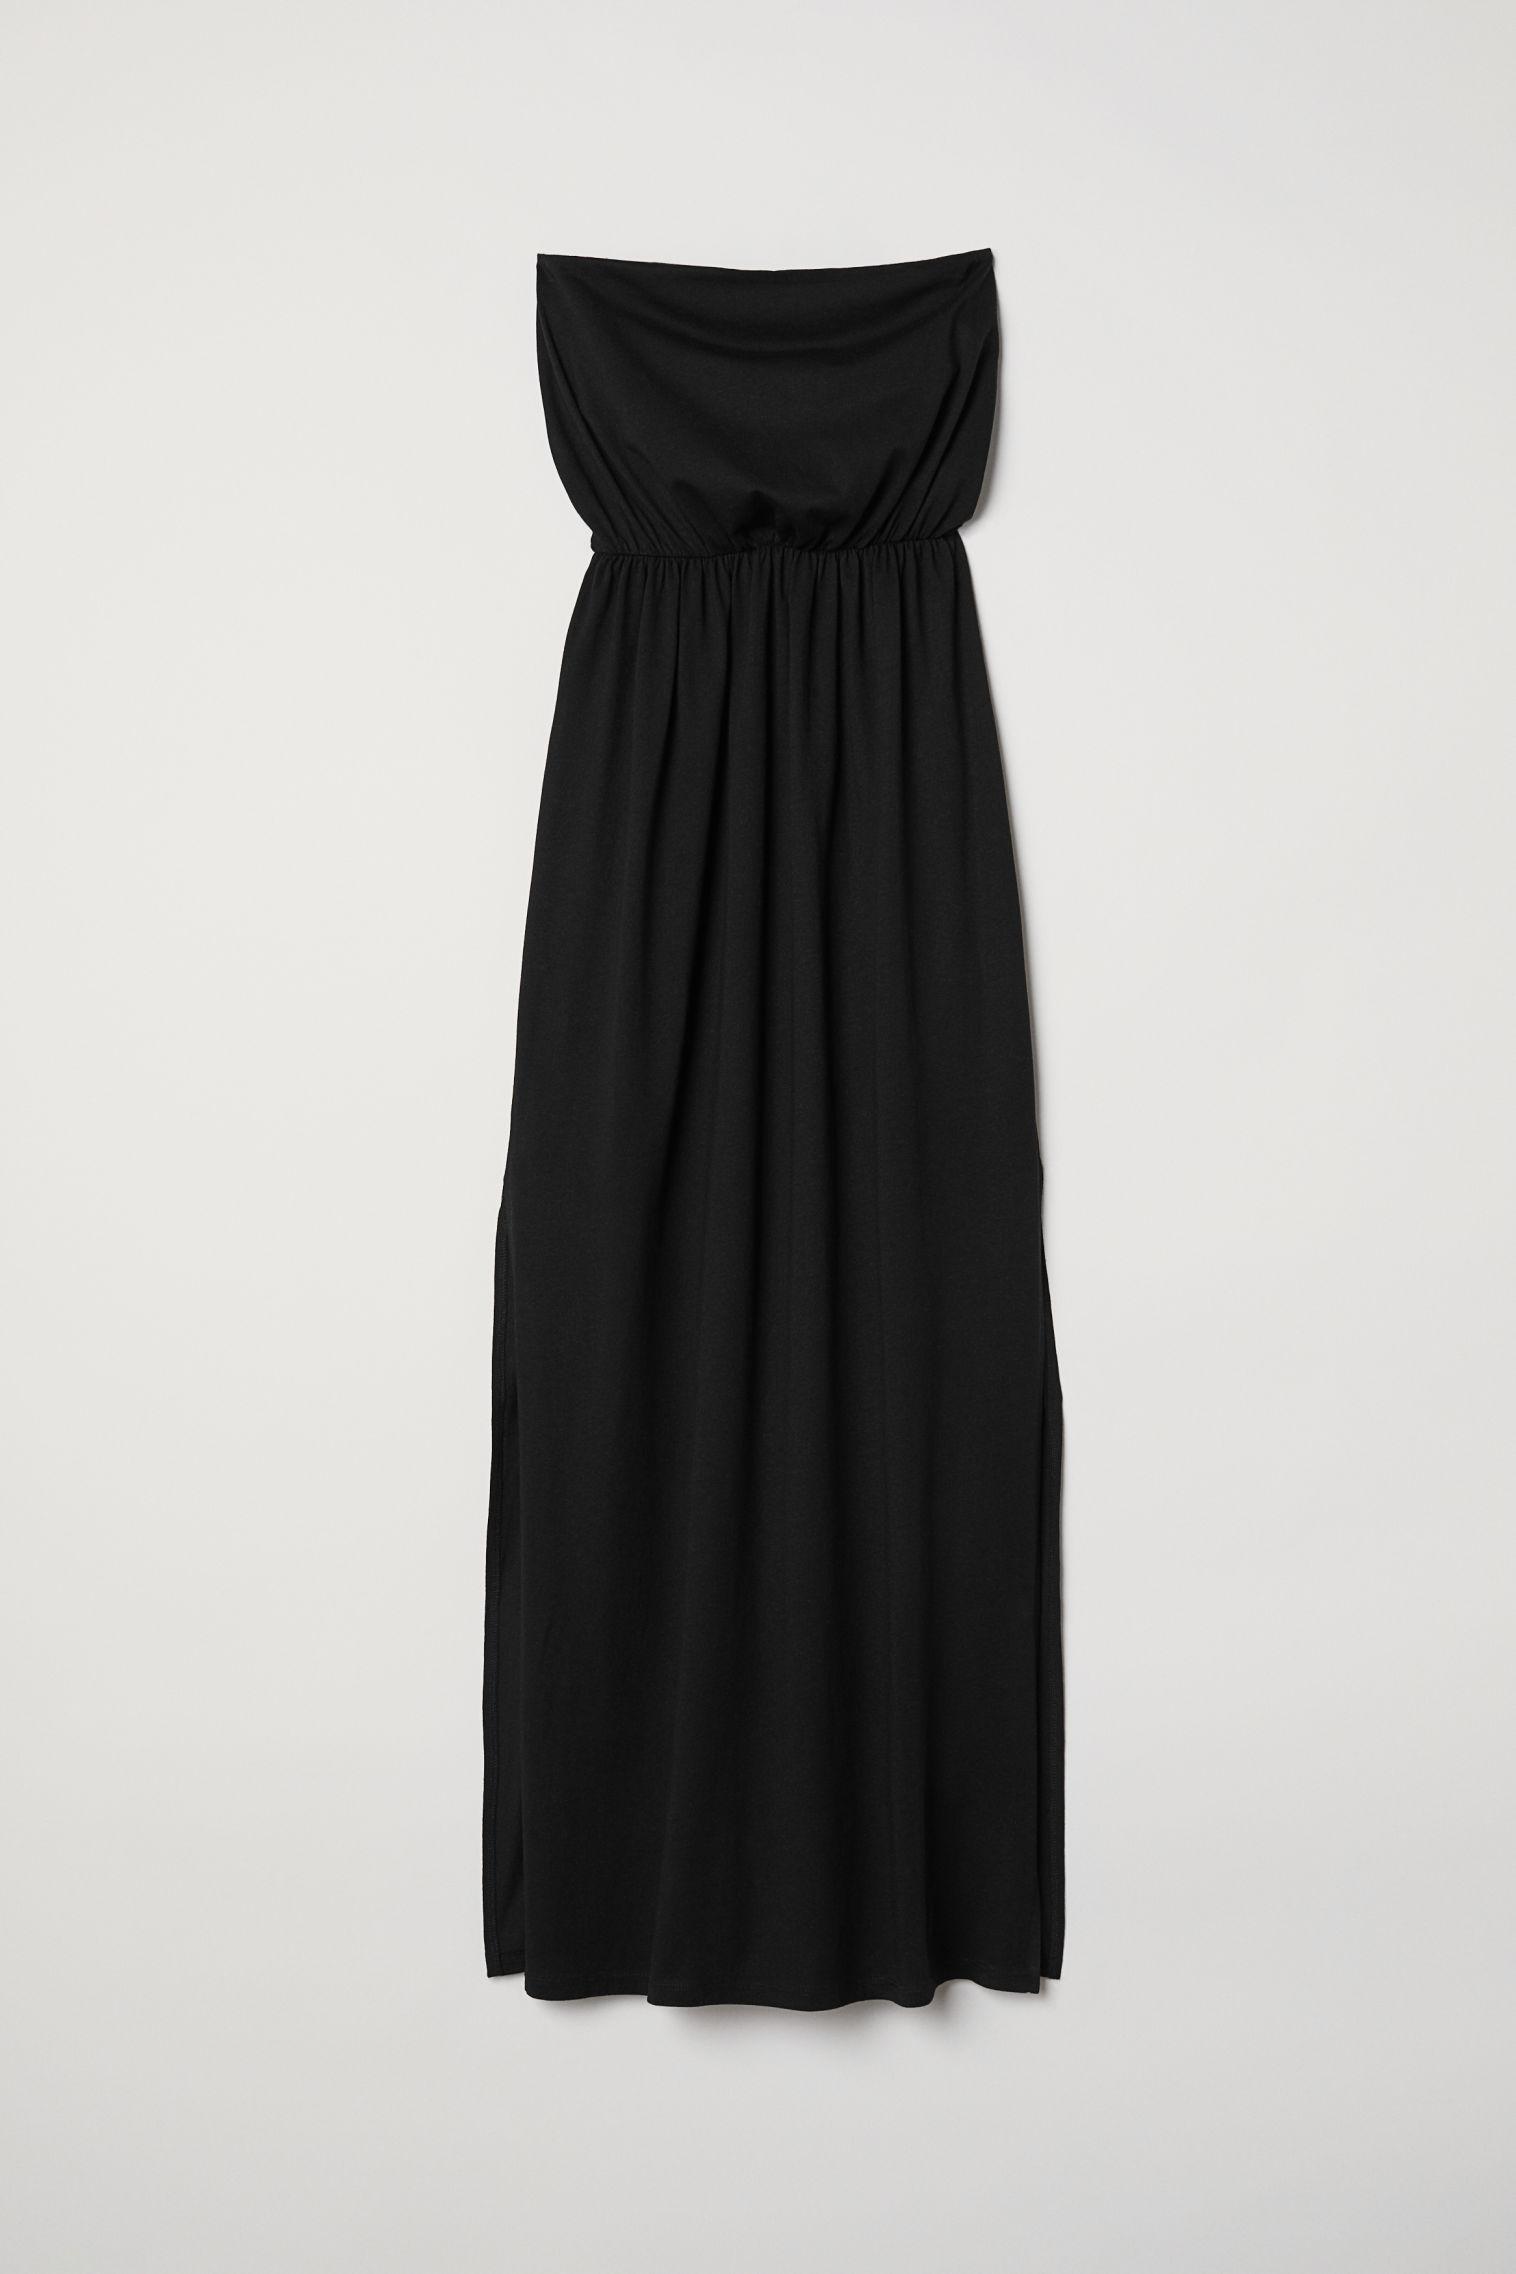 565a233c8a7 ... Maxi dress  Maxi dress